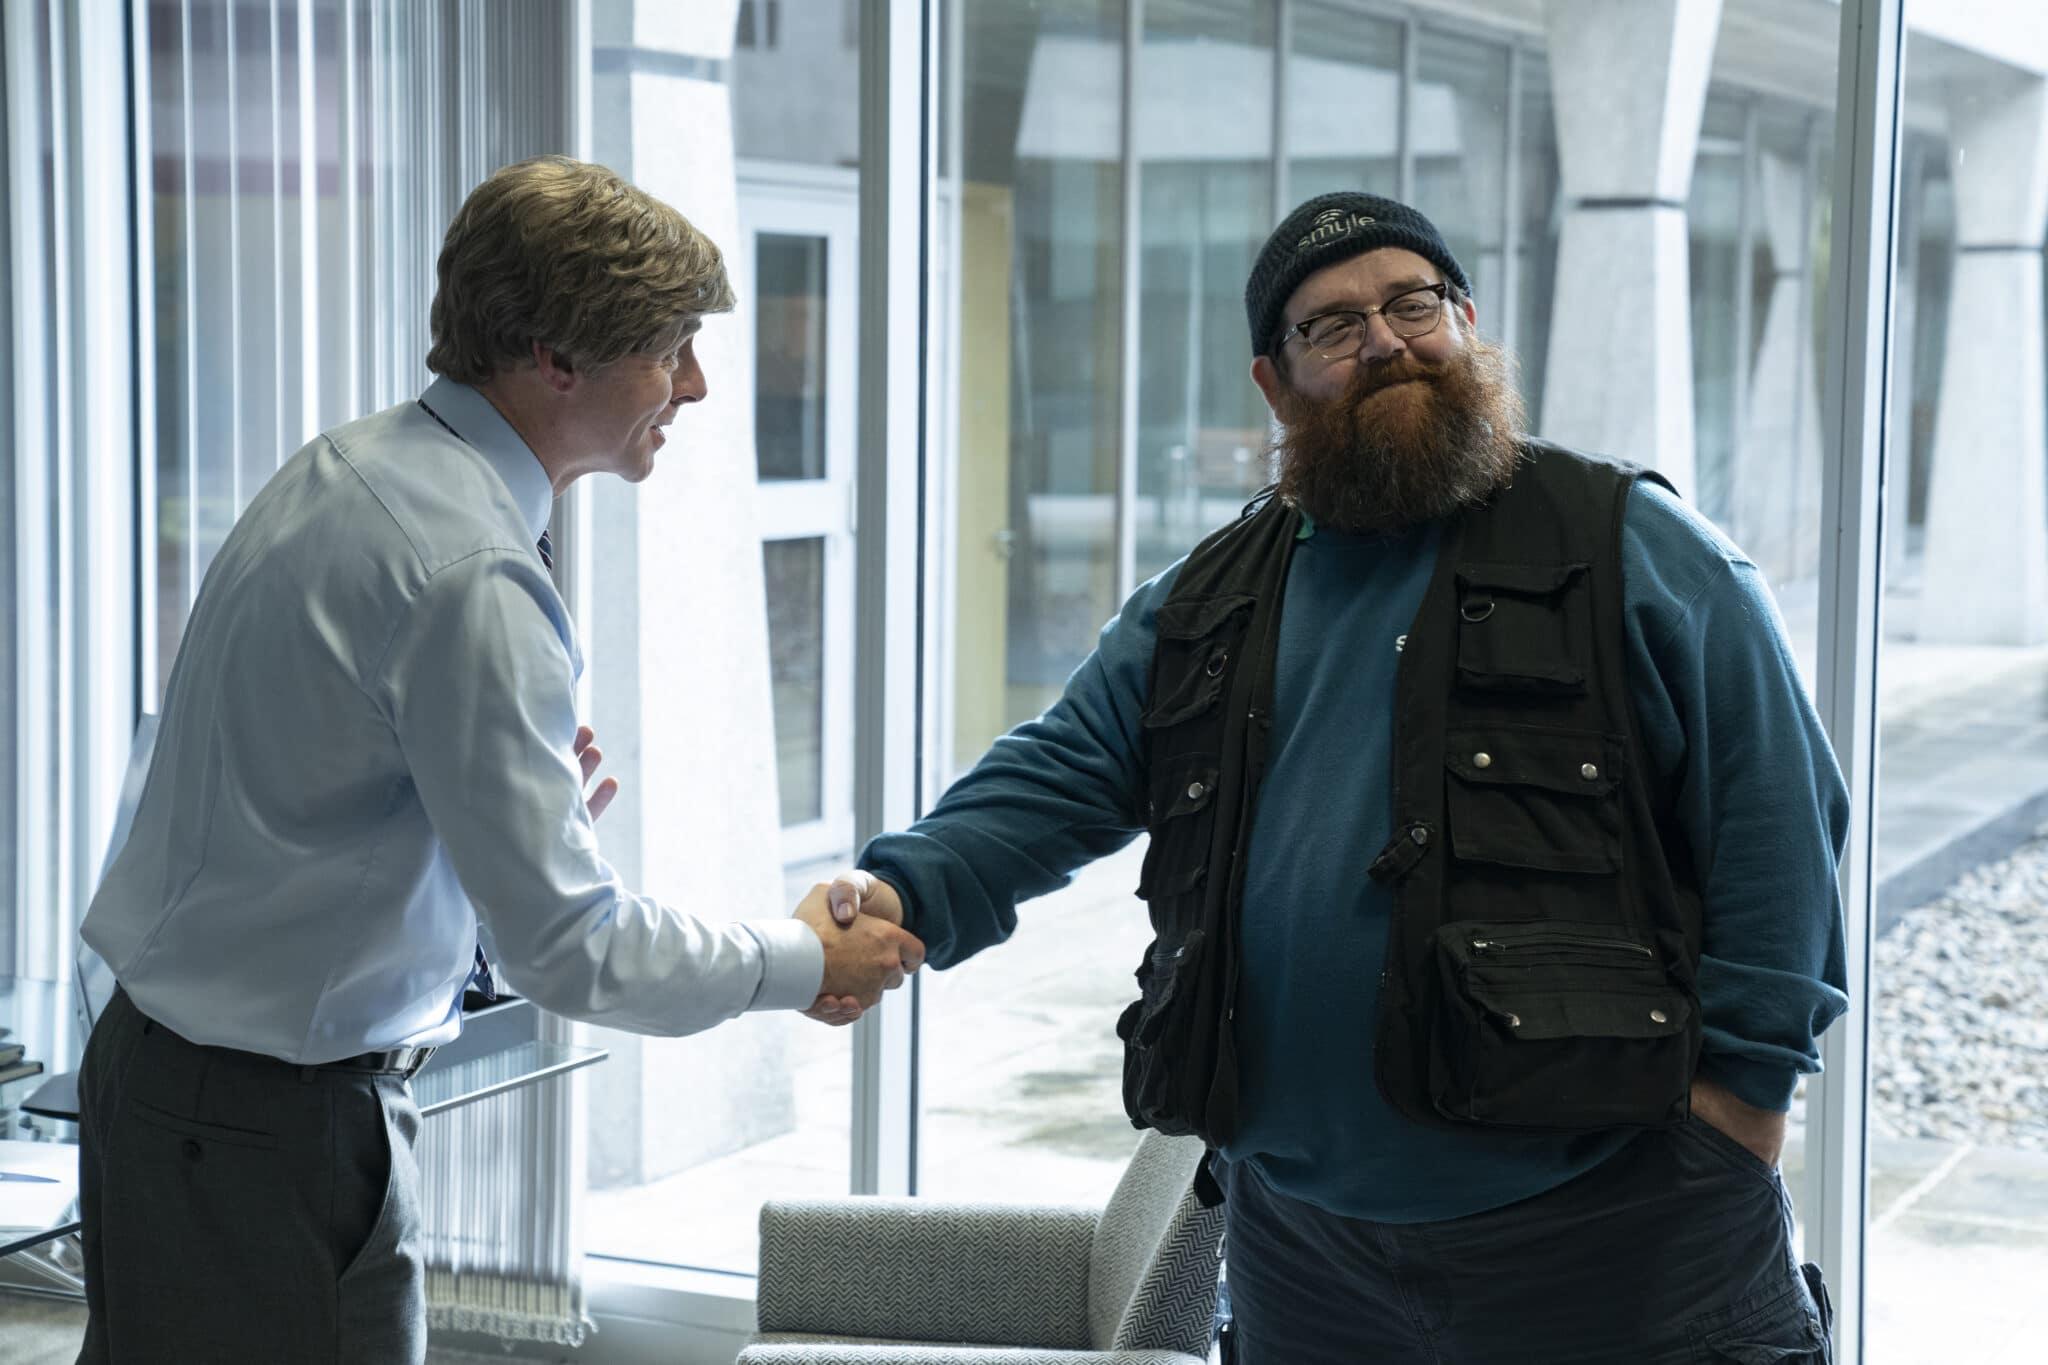 Dave (Simon Pegg) und Gus (Nick Frost) treffen sich in einem Büro mit Glasfassade und begrüßen sich mit einem Handschlag.